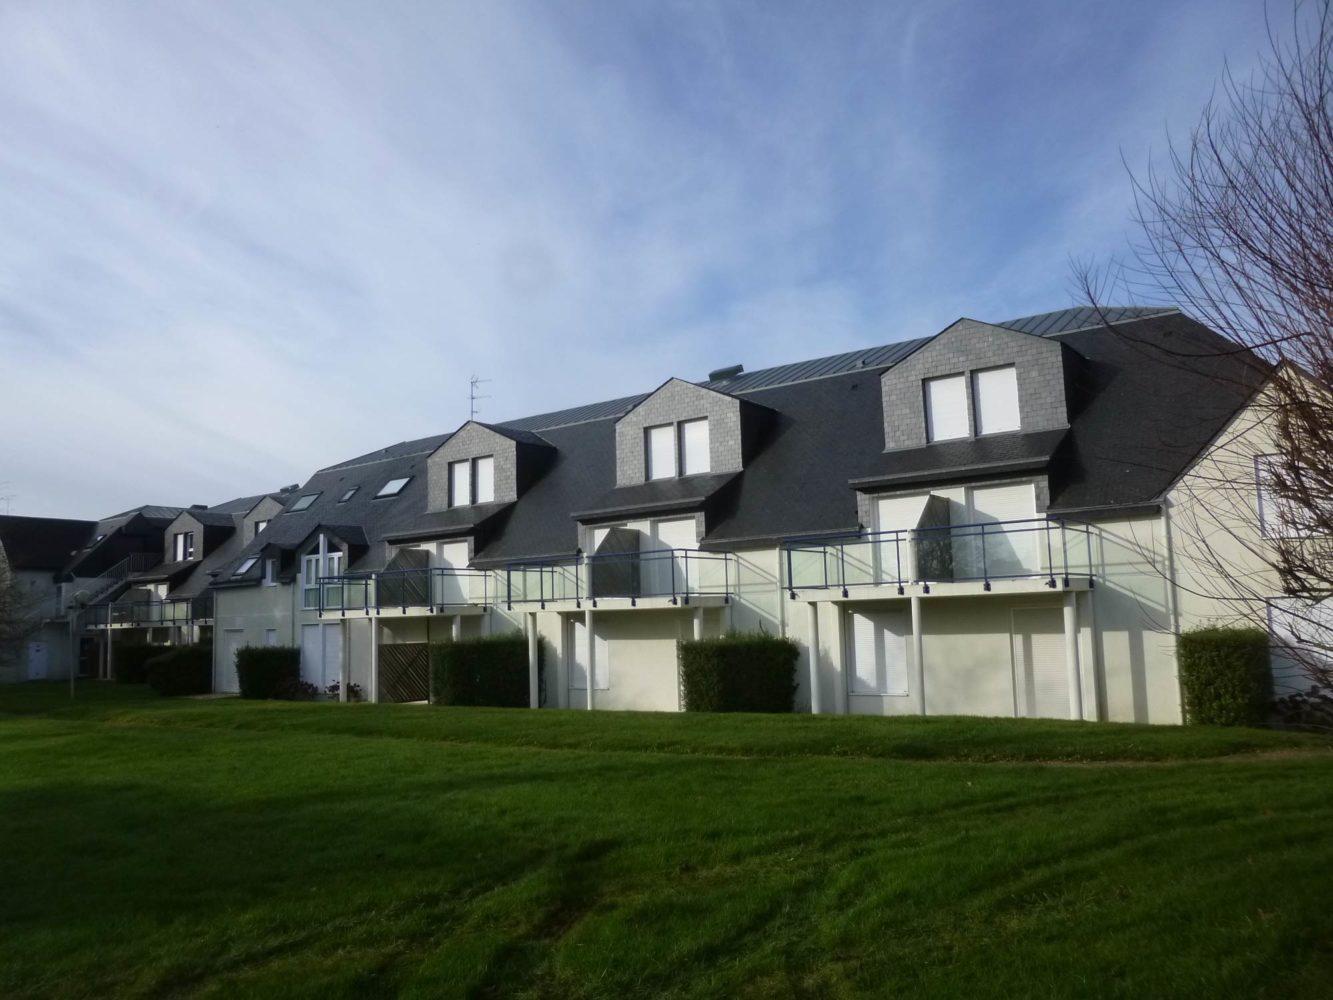 Rénovation-Ile-aux-Moines-Résidence-la-Voile-dOr-G.-LE-PORT-architecte-4-1